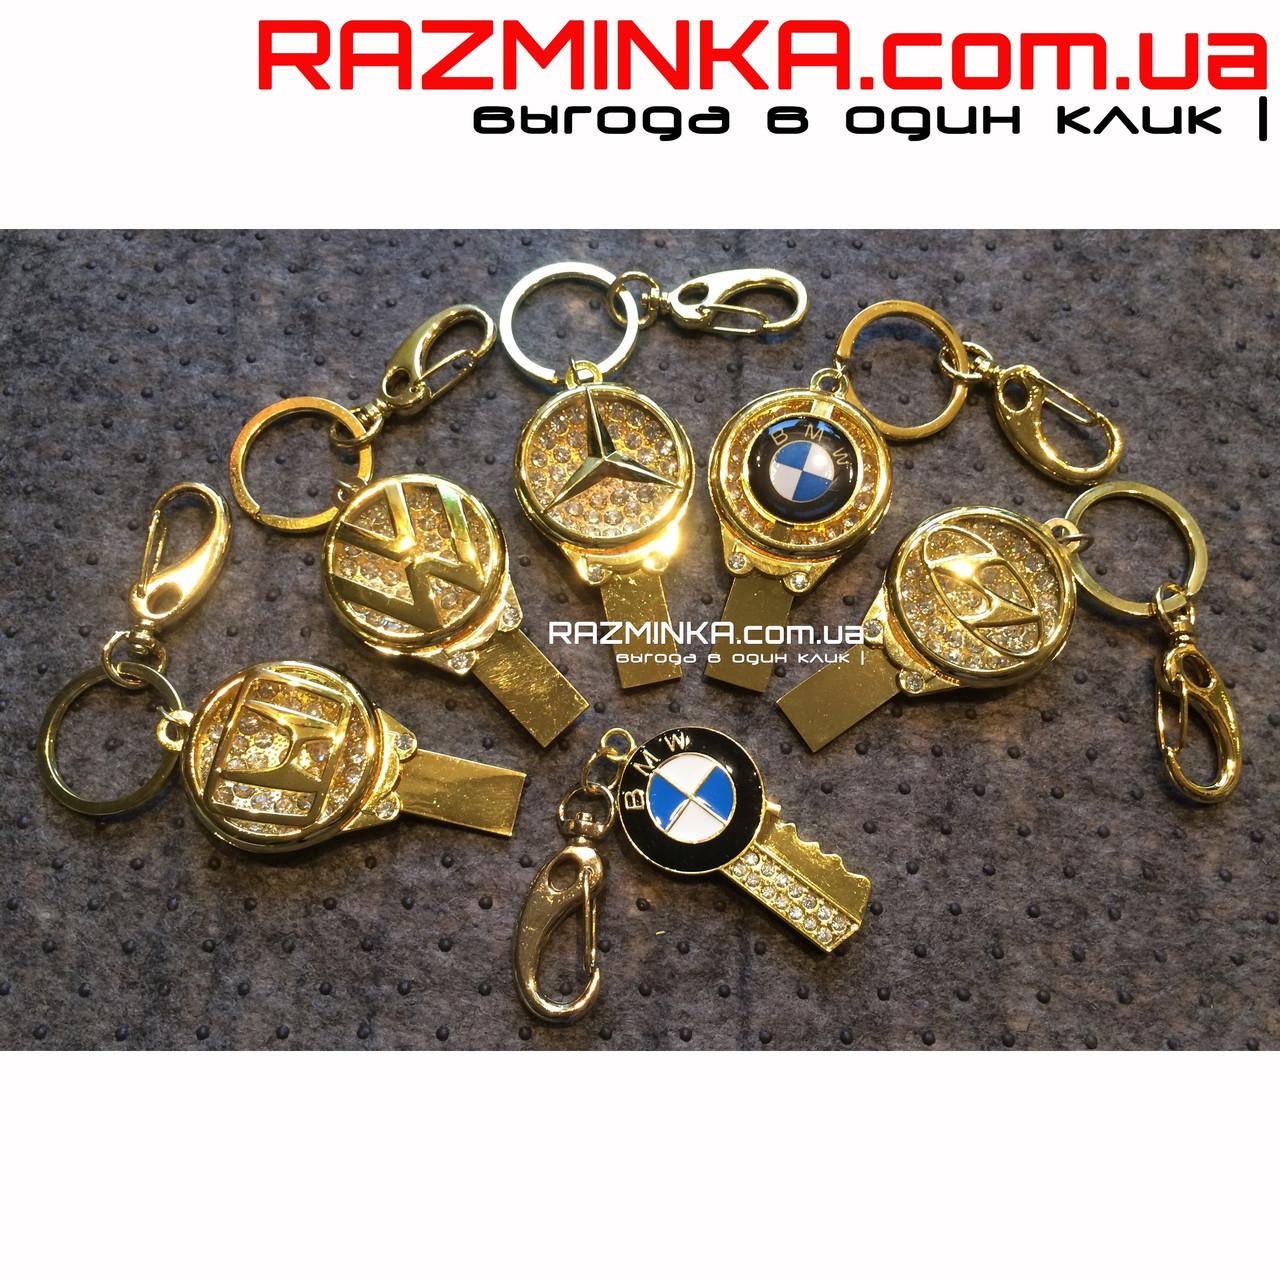 Брелок для ключей авто (флешка) со стразами Swarovski (нерабочая) - оптово-розничный интернет магазин Разминка в Днепре